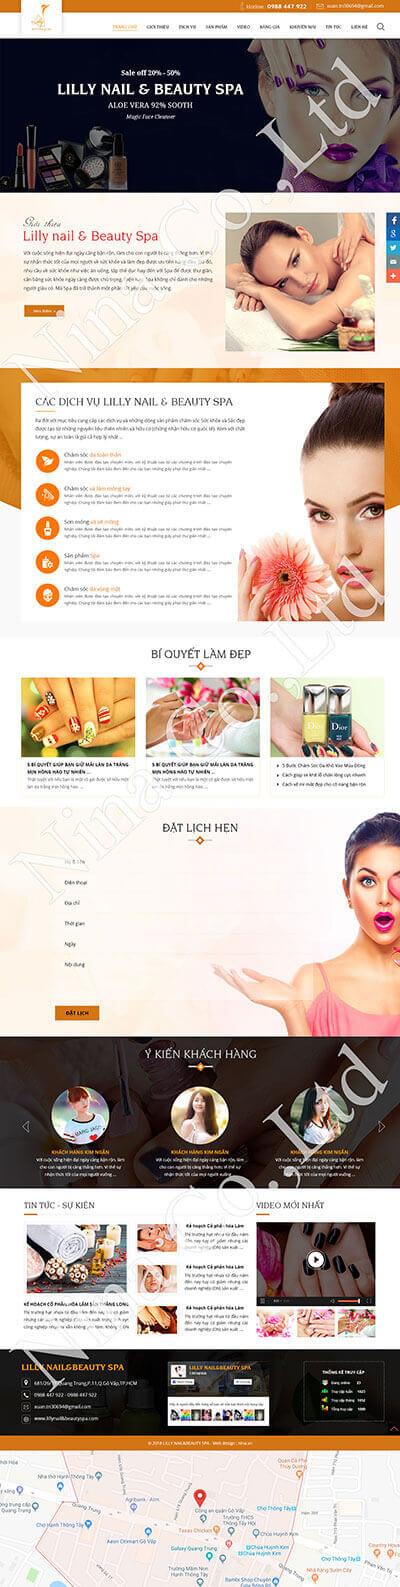 Lilly Nail & Beauty Spa